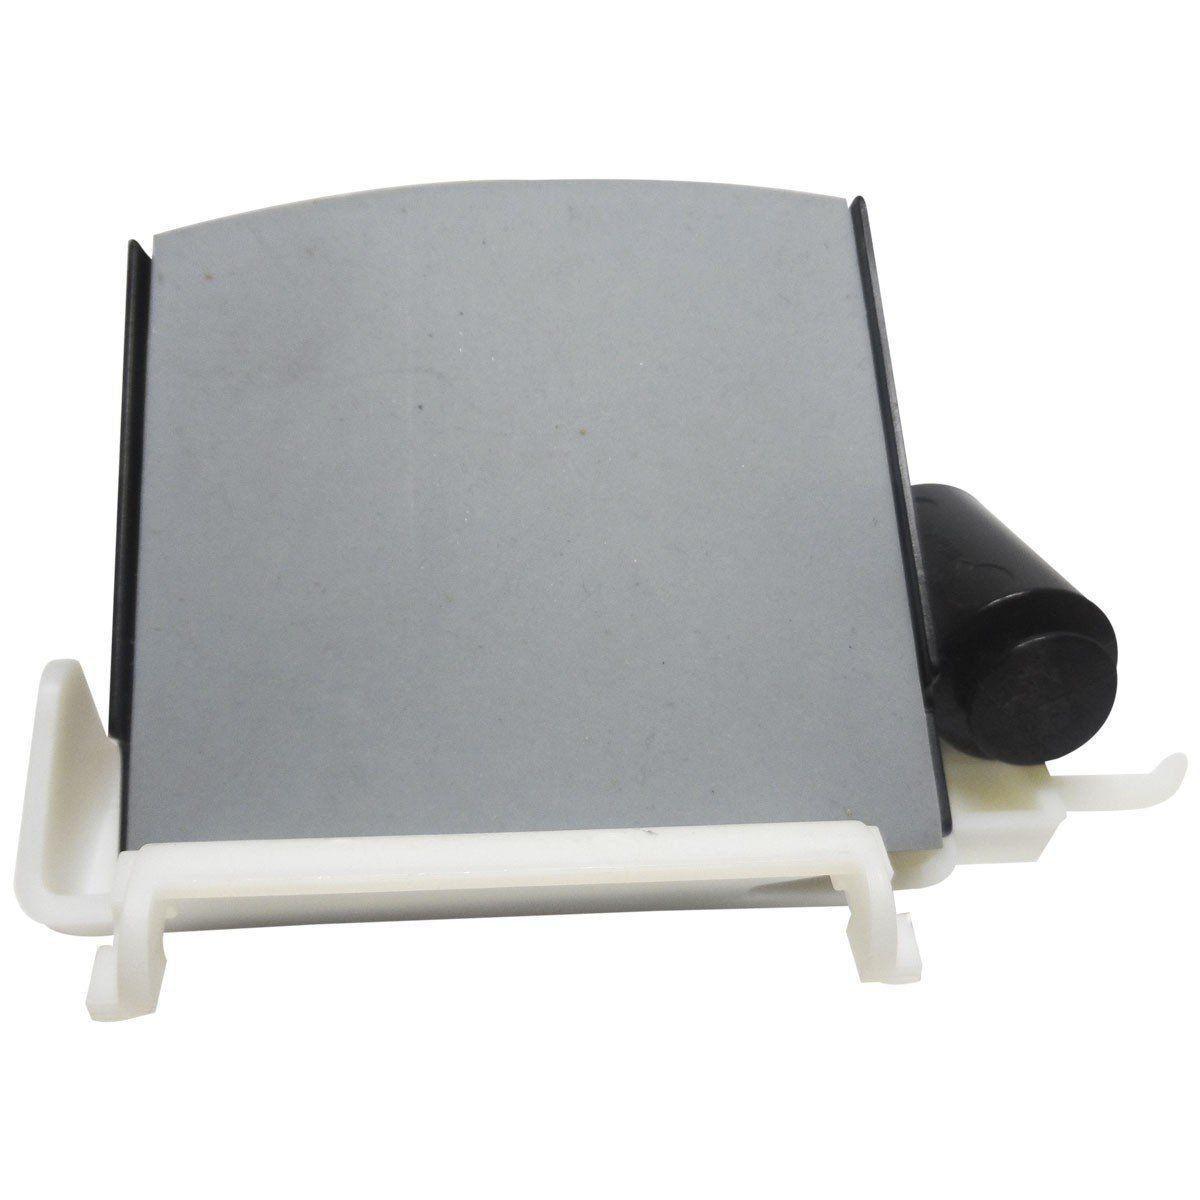 Mecanismo Dispense Porta Refrigerador Brastemp 326063134